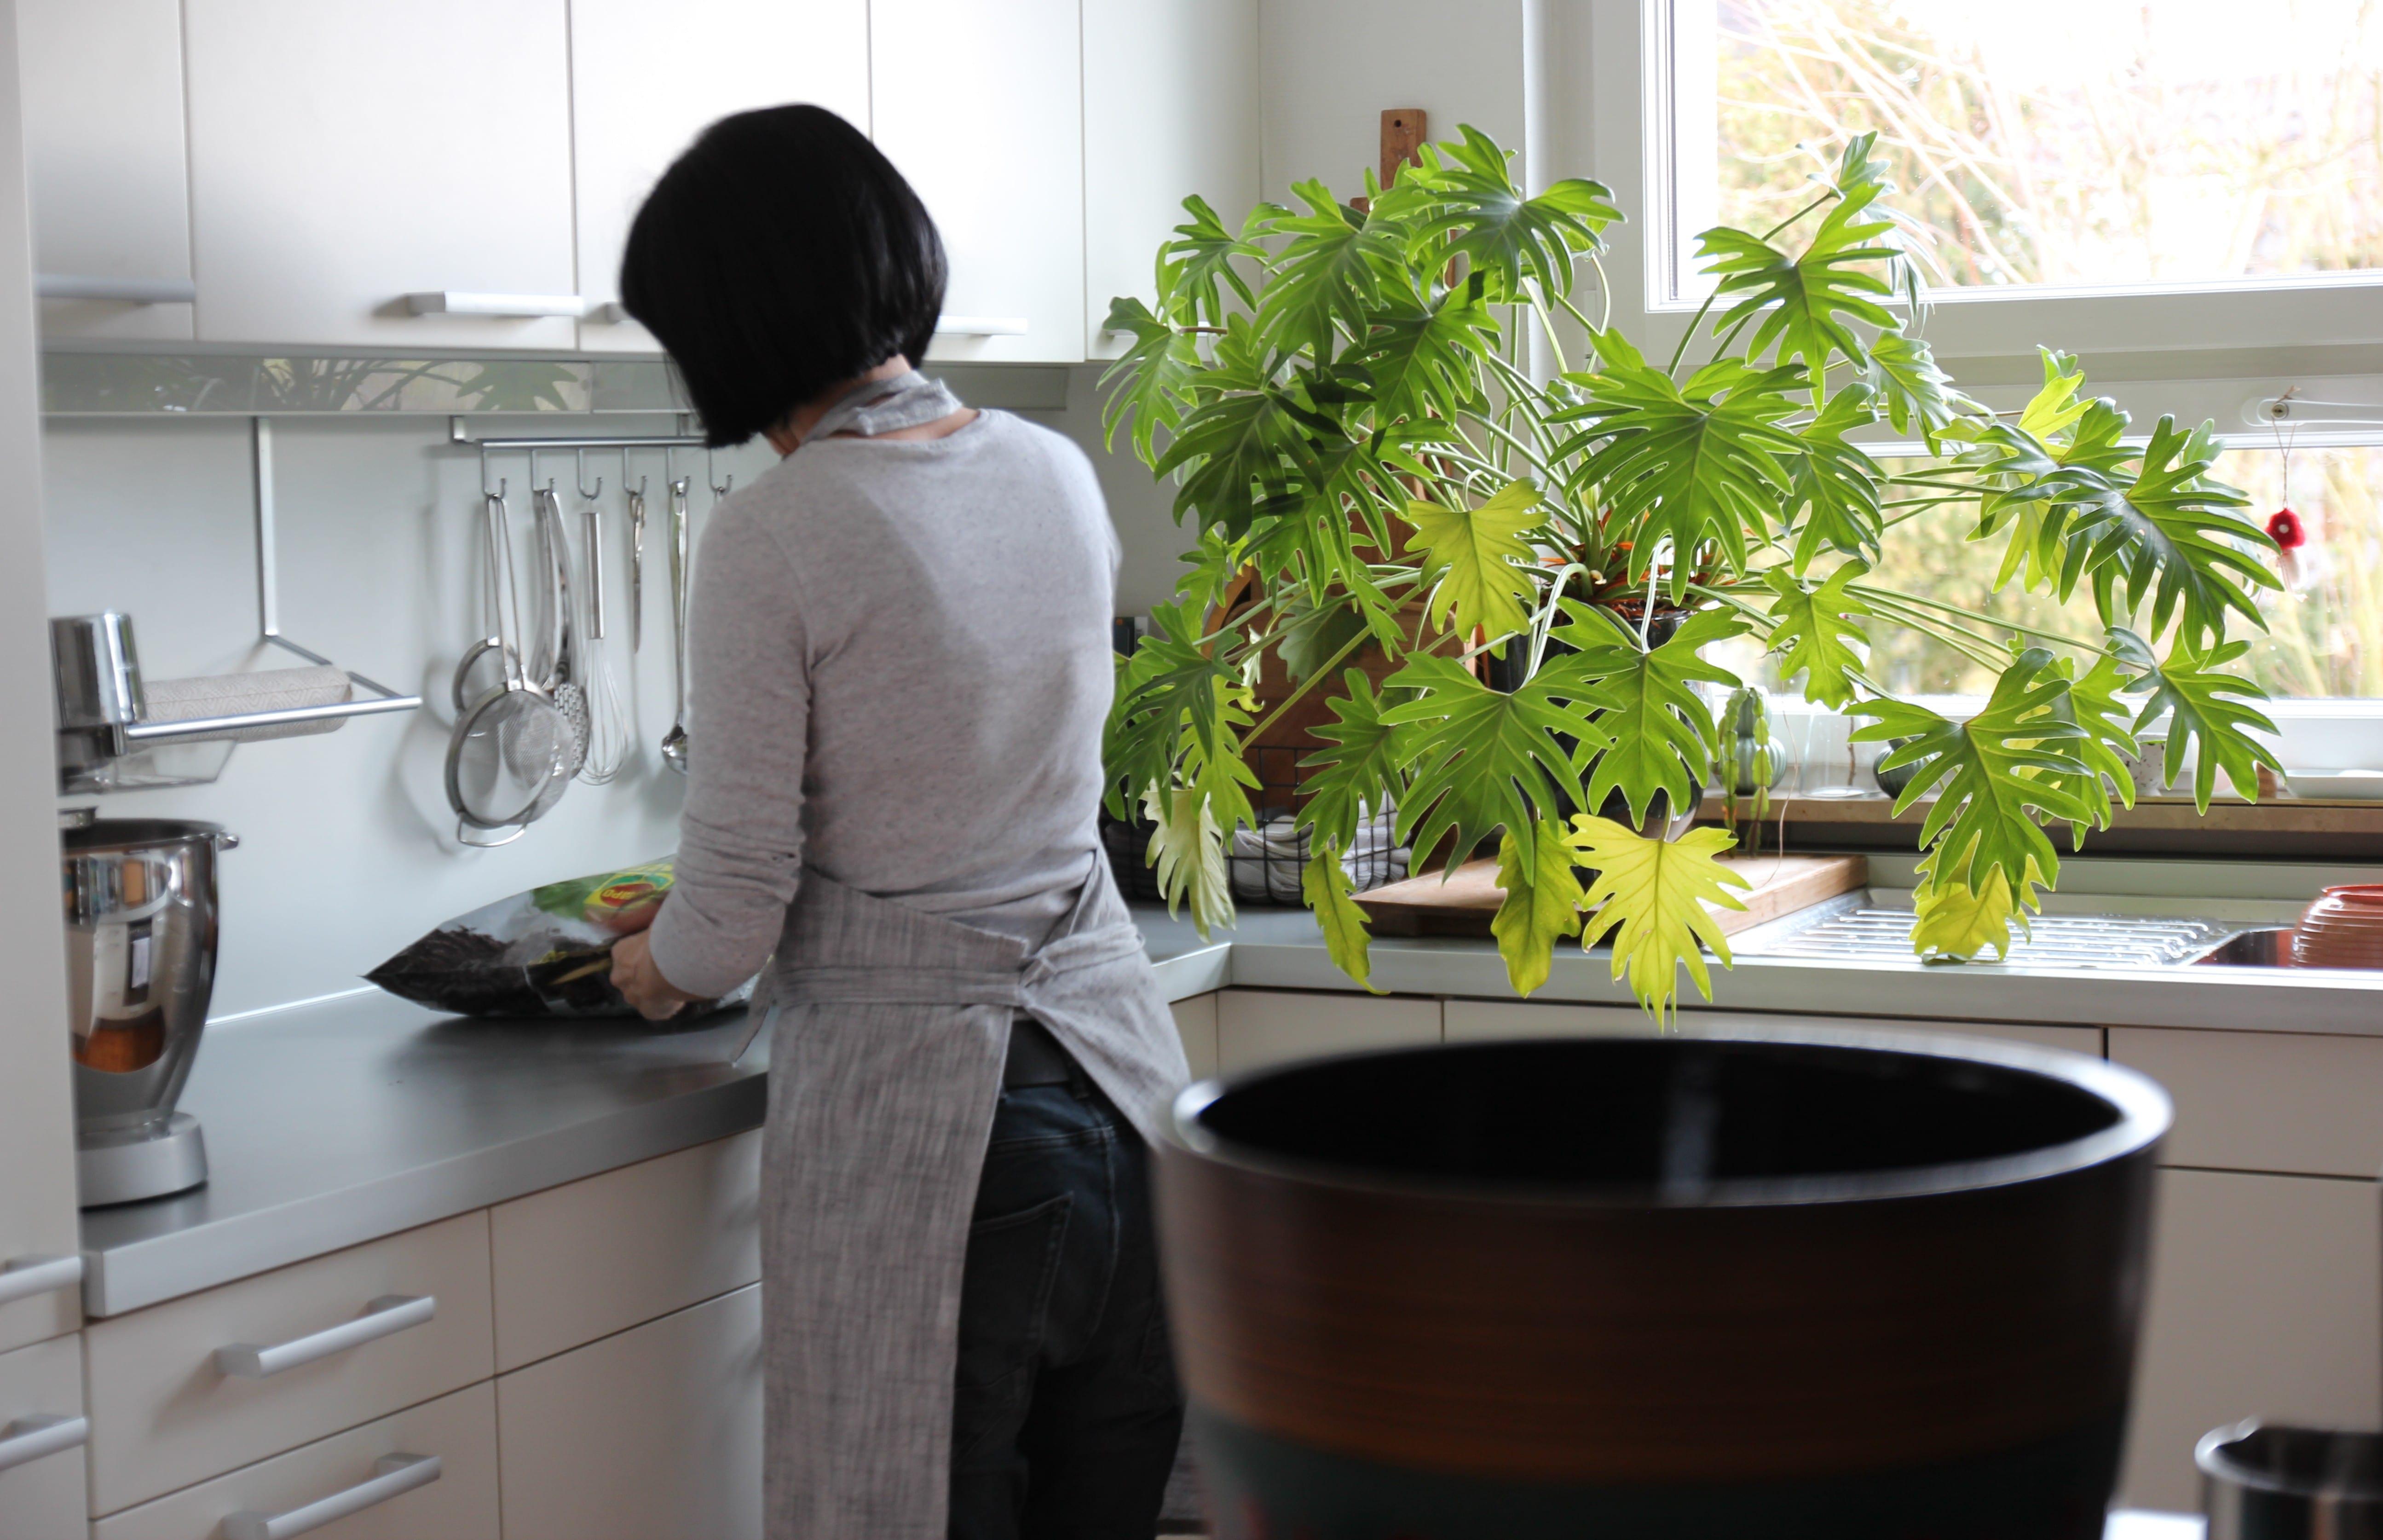 große offene Küche - Zuhause bei Stefanie - Dekoideen und zeitlose Accessoires zeigt sie bei desmondo.de